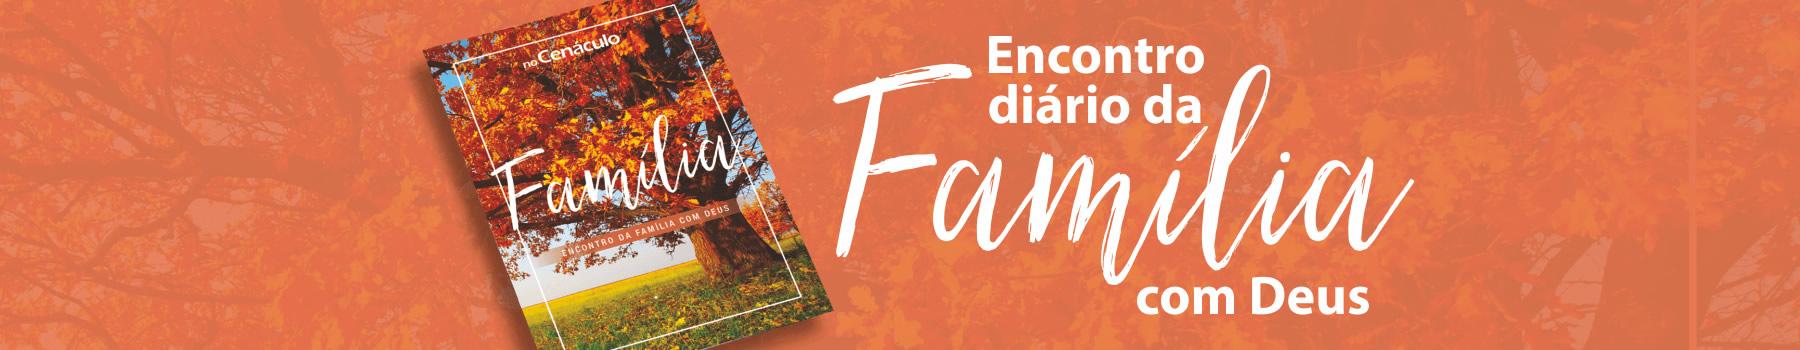 Encontro diário da Família com Deus